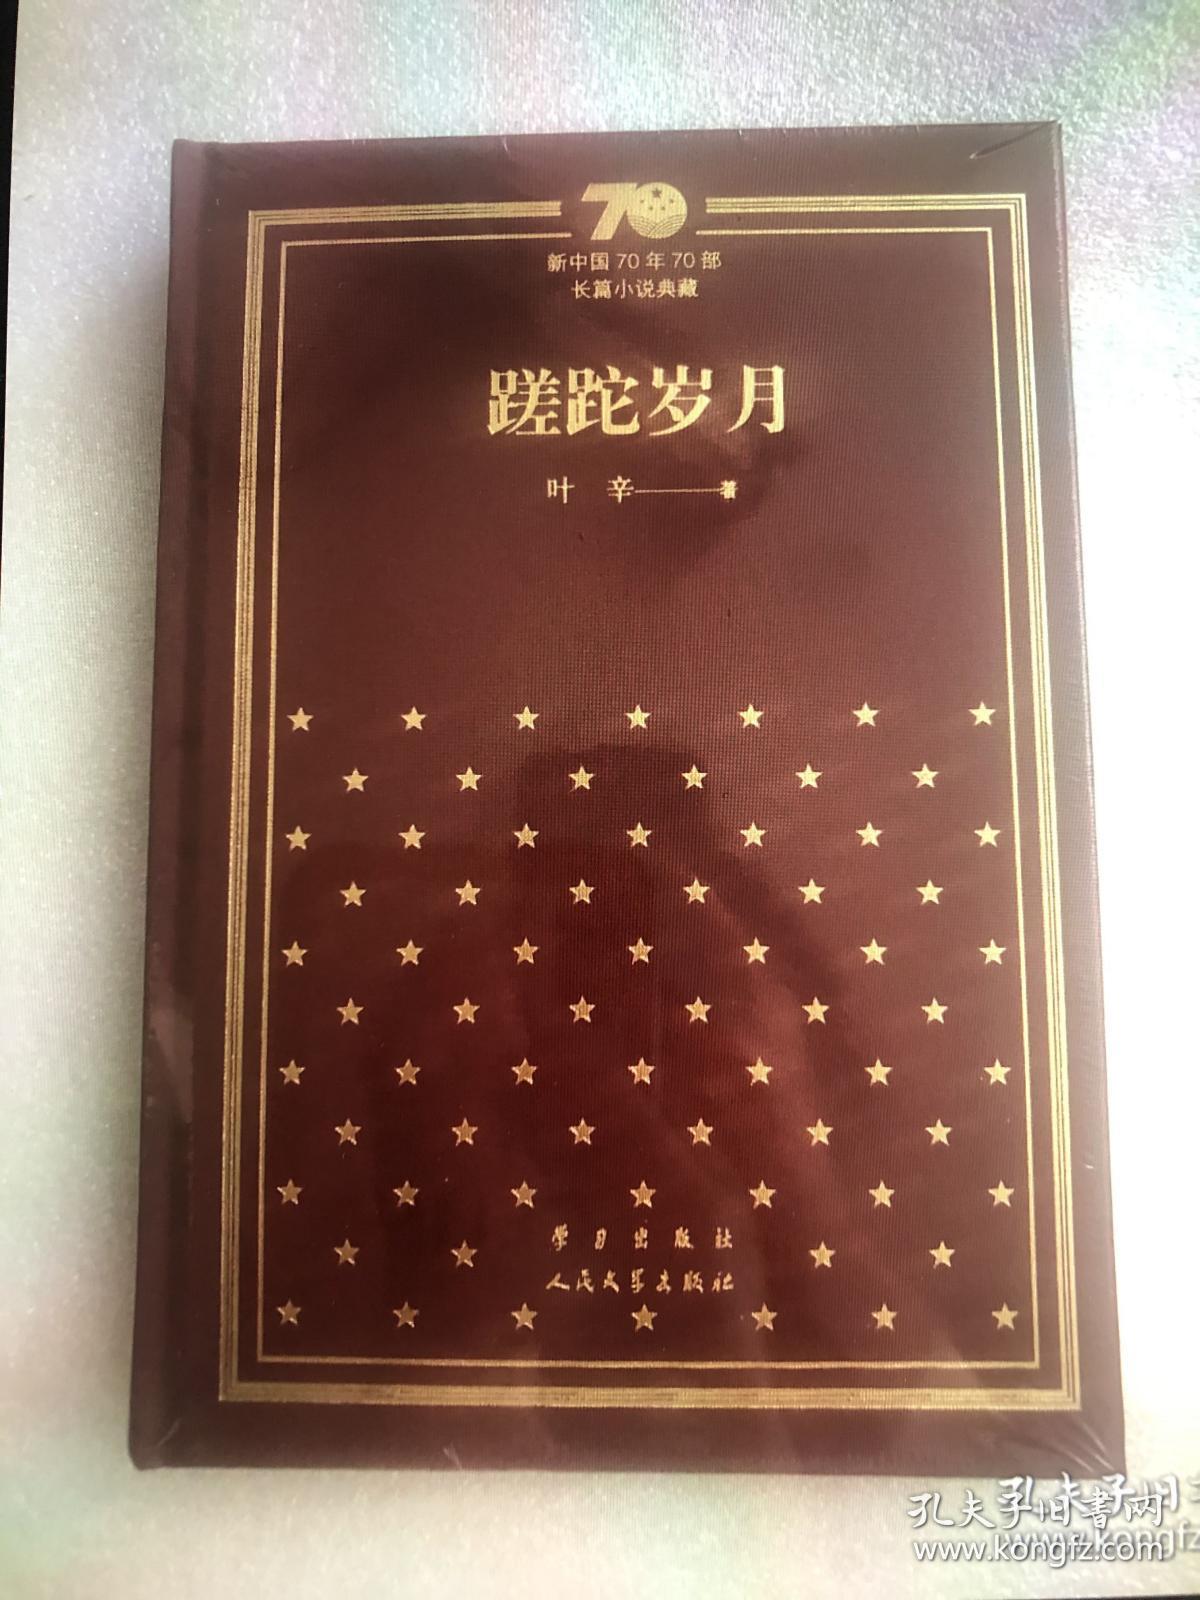 新中国70年70部长篇小说典藏系列之叶辛《蹉跎岁月》,精装,一版一印!